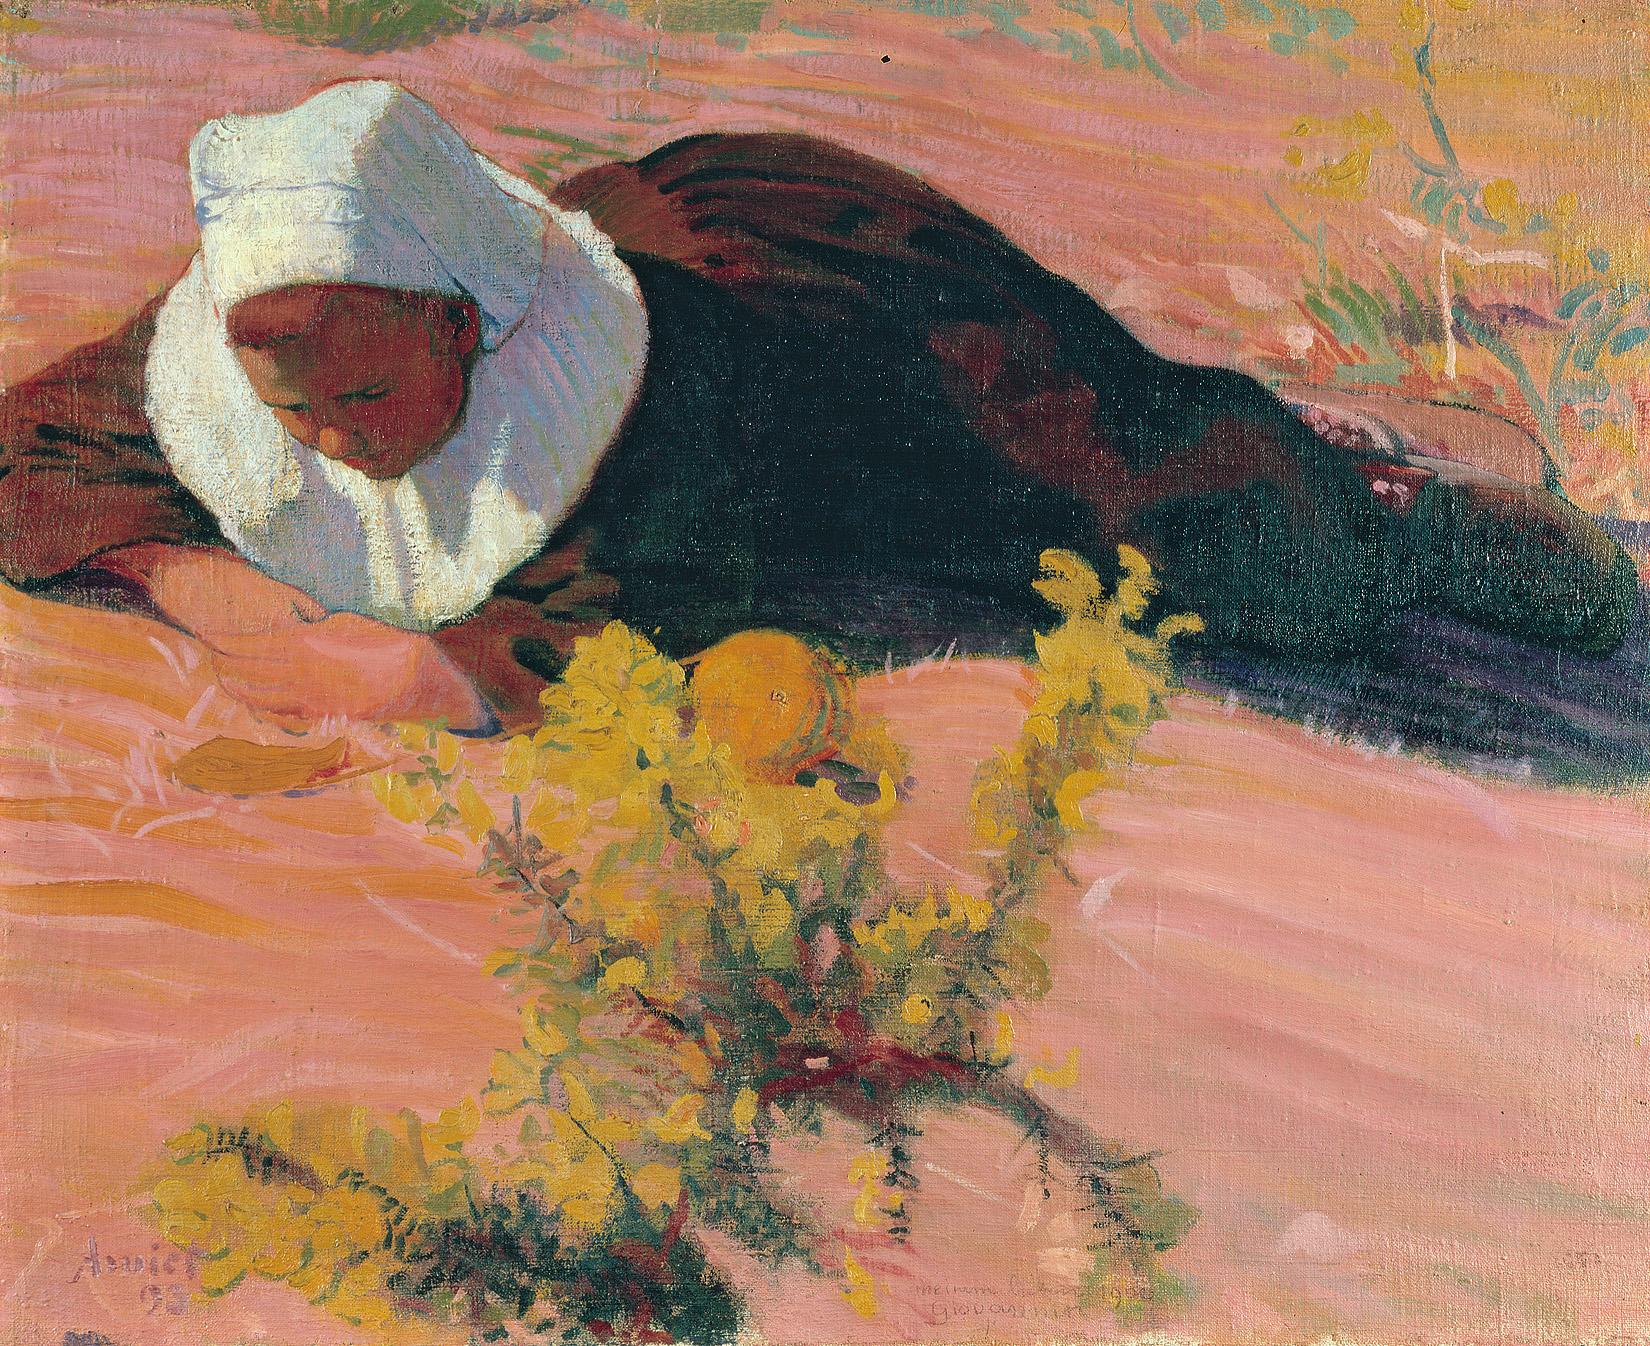 Cuno Amiet, Liegende Bretonin, 1893, Kunsthaus Zürich